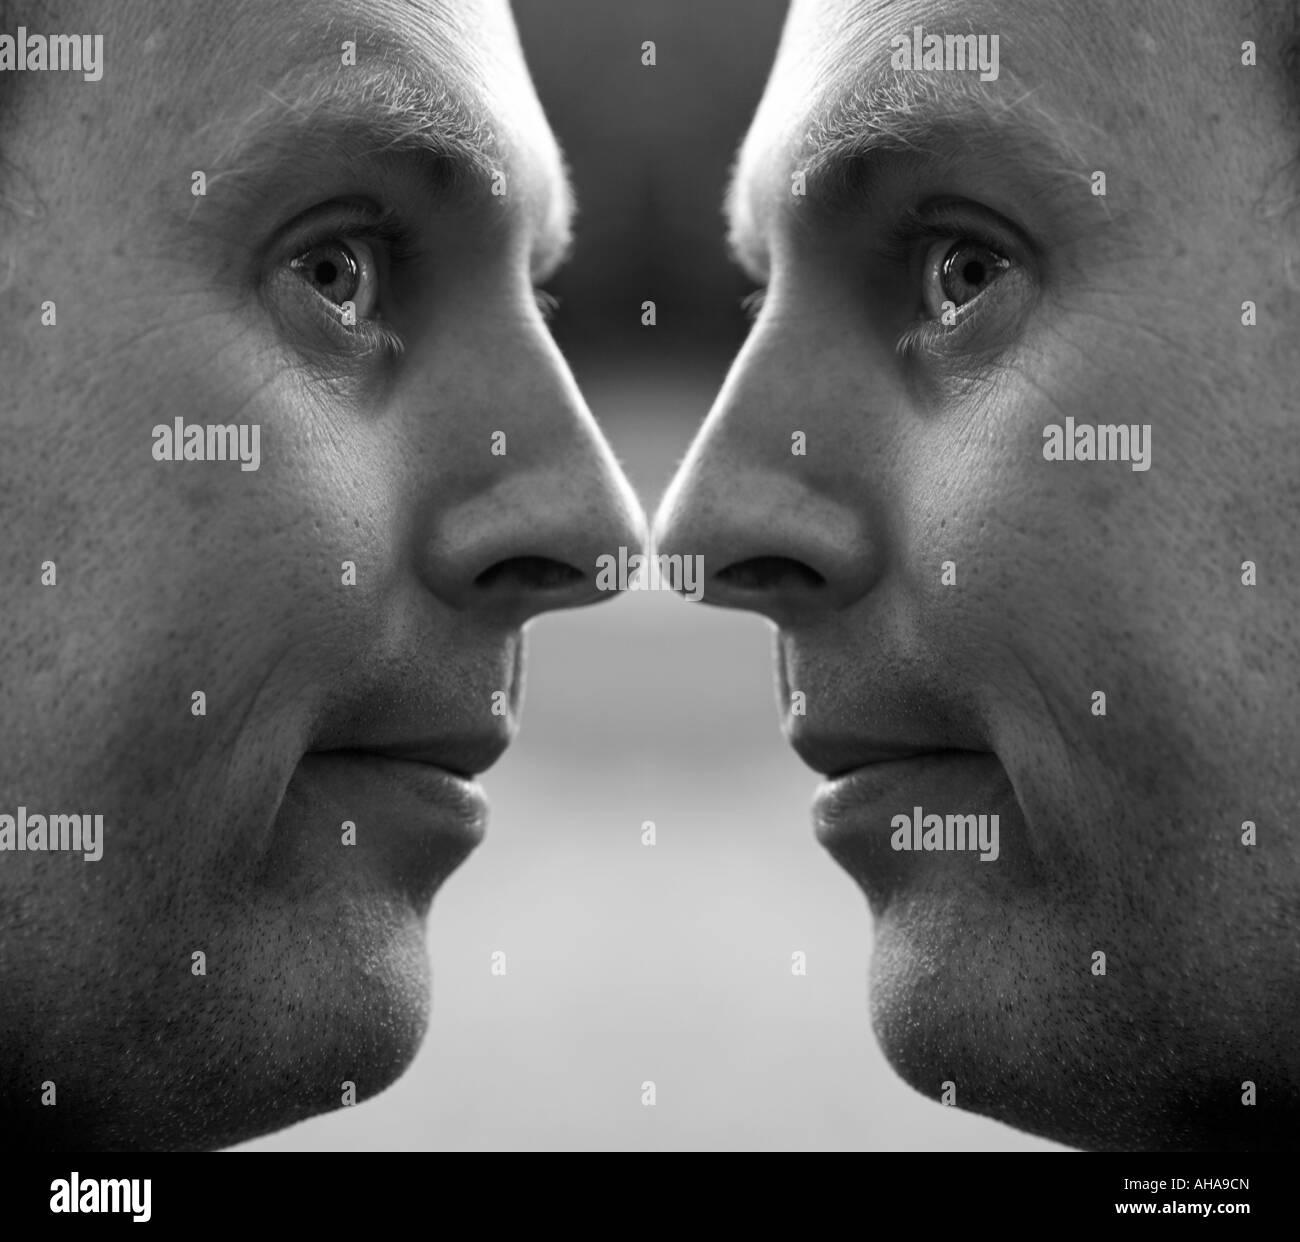 Schwarz / weiß-Bild von einem mans Gesicht als ein gespiegeltes Abbild dupliziert. Stockbild